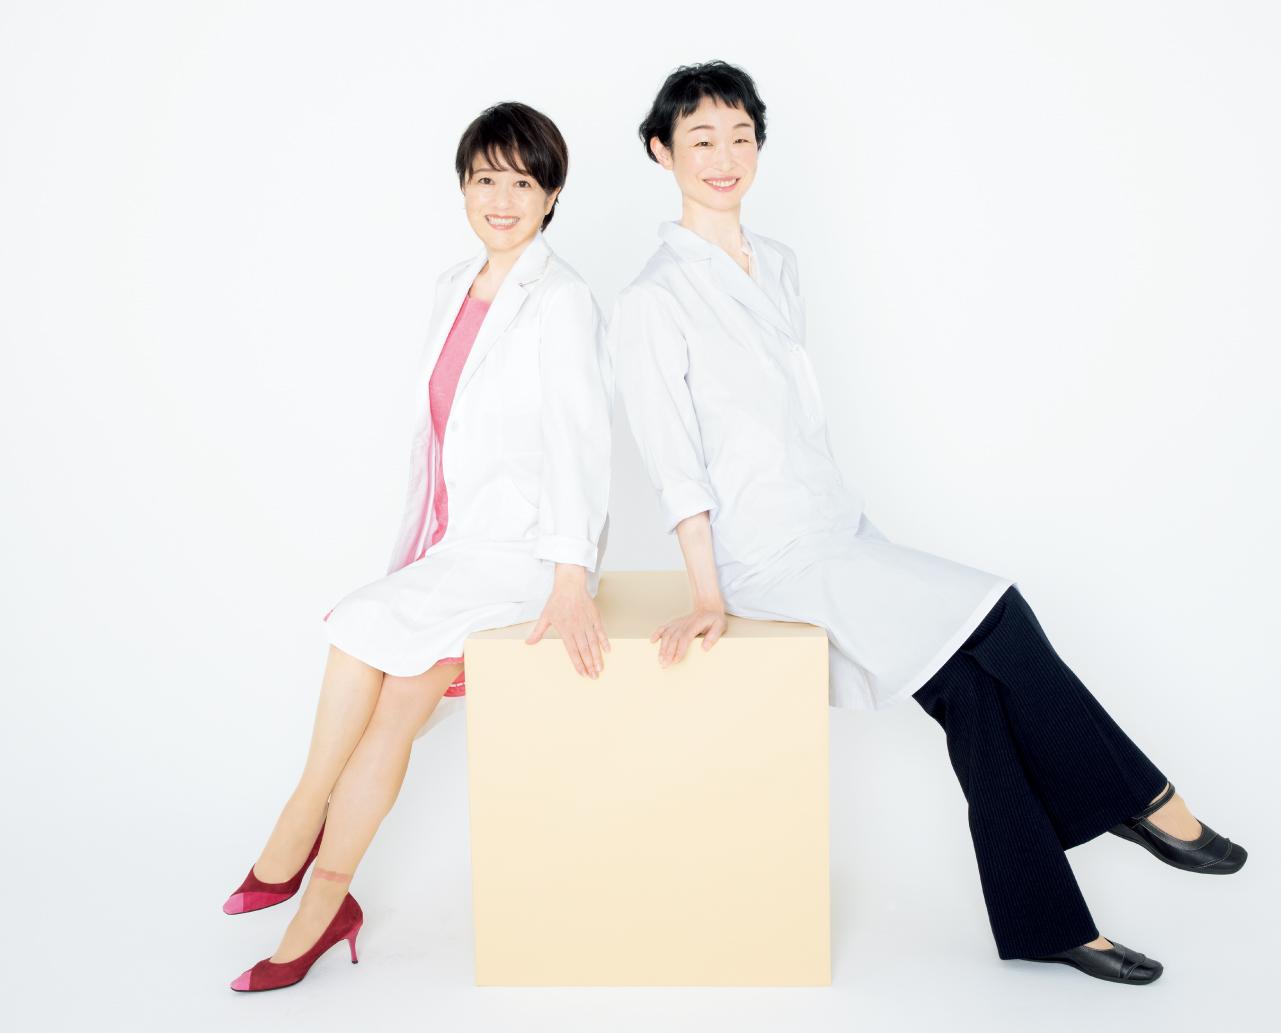 素敵女医 佐藤恵子さん 坂本紗有見さん